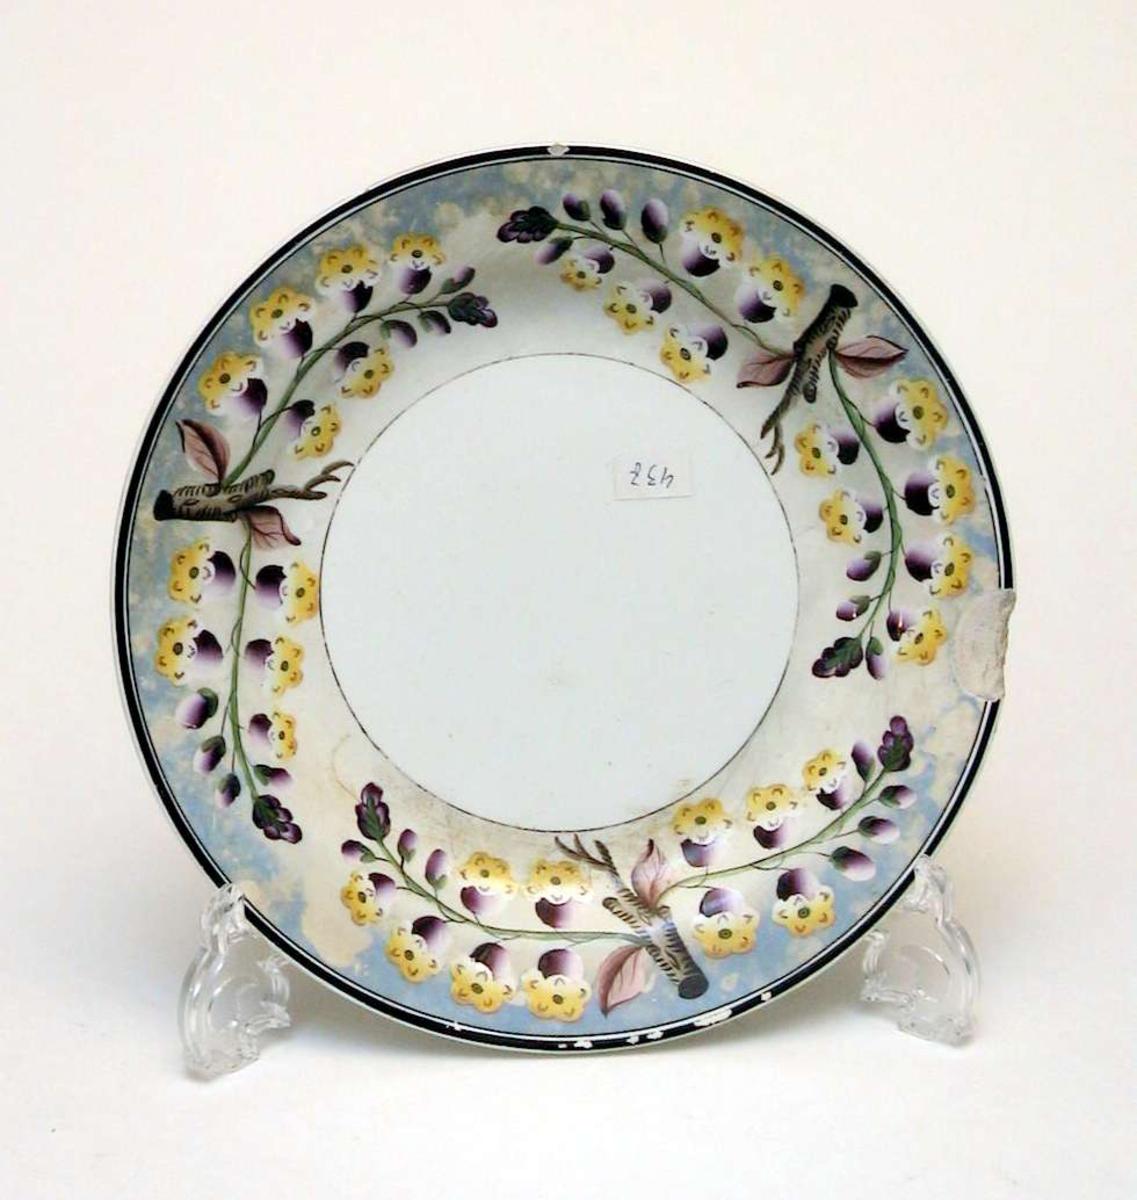 Tallerken i kremfarget keramikk med blomsterdekor i lilla og gult på blå-grå bakgrunn. Det er slått et stort skår av kanten på tallerkenen og den har flere små hakk.